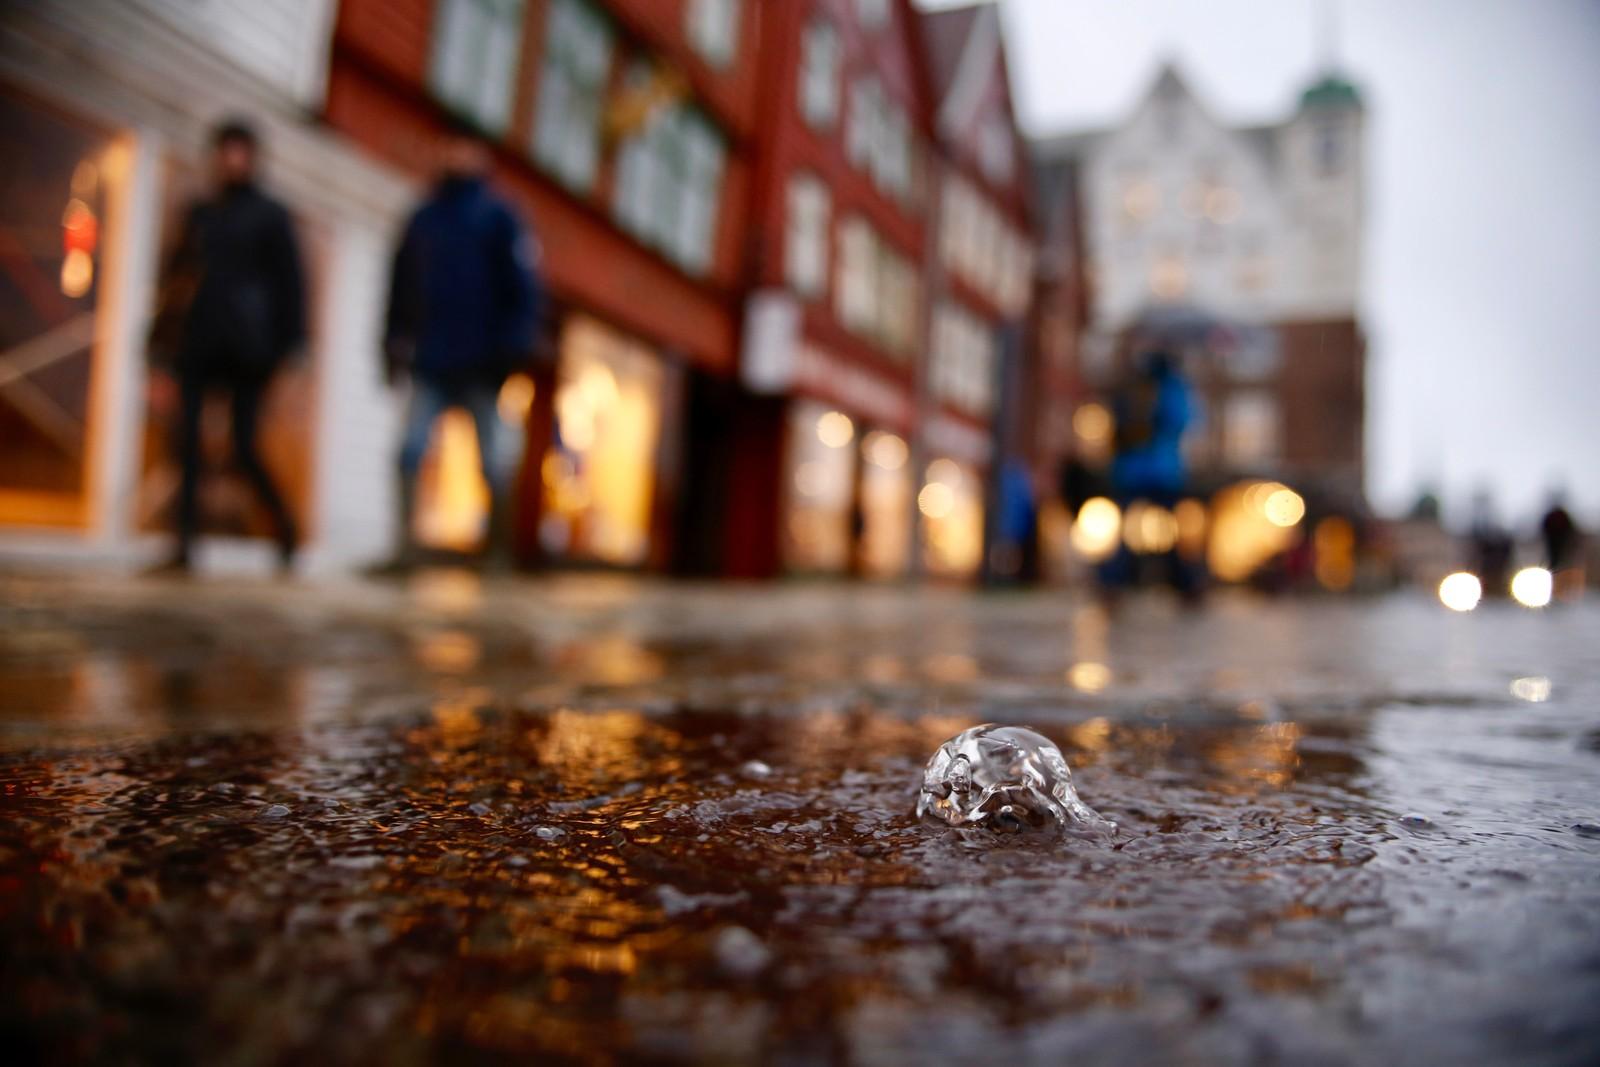 Vannet piplet i beskjedne mengder opp fra kumlokkene ved Bryggen i Bergen, men noen oversvømmelse ble det aldri.